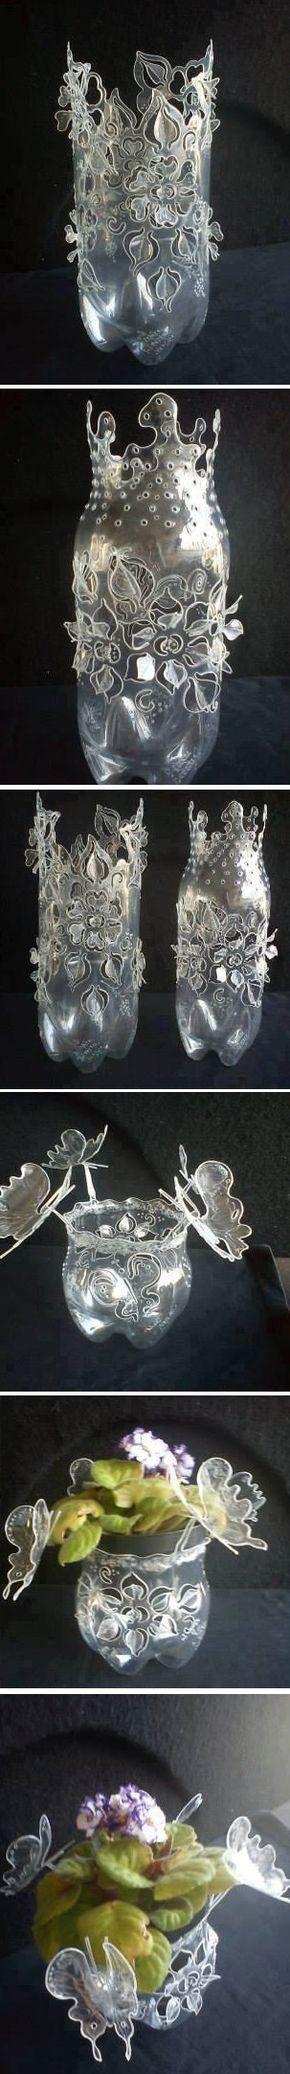 Adorno reciclado con botellas de plastico                                                                                                                                                                                 Más